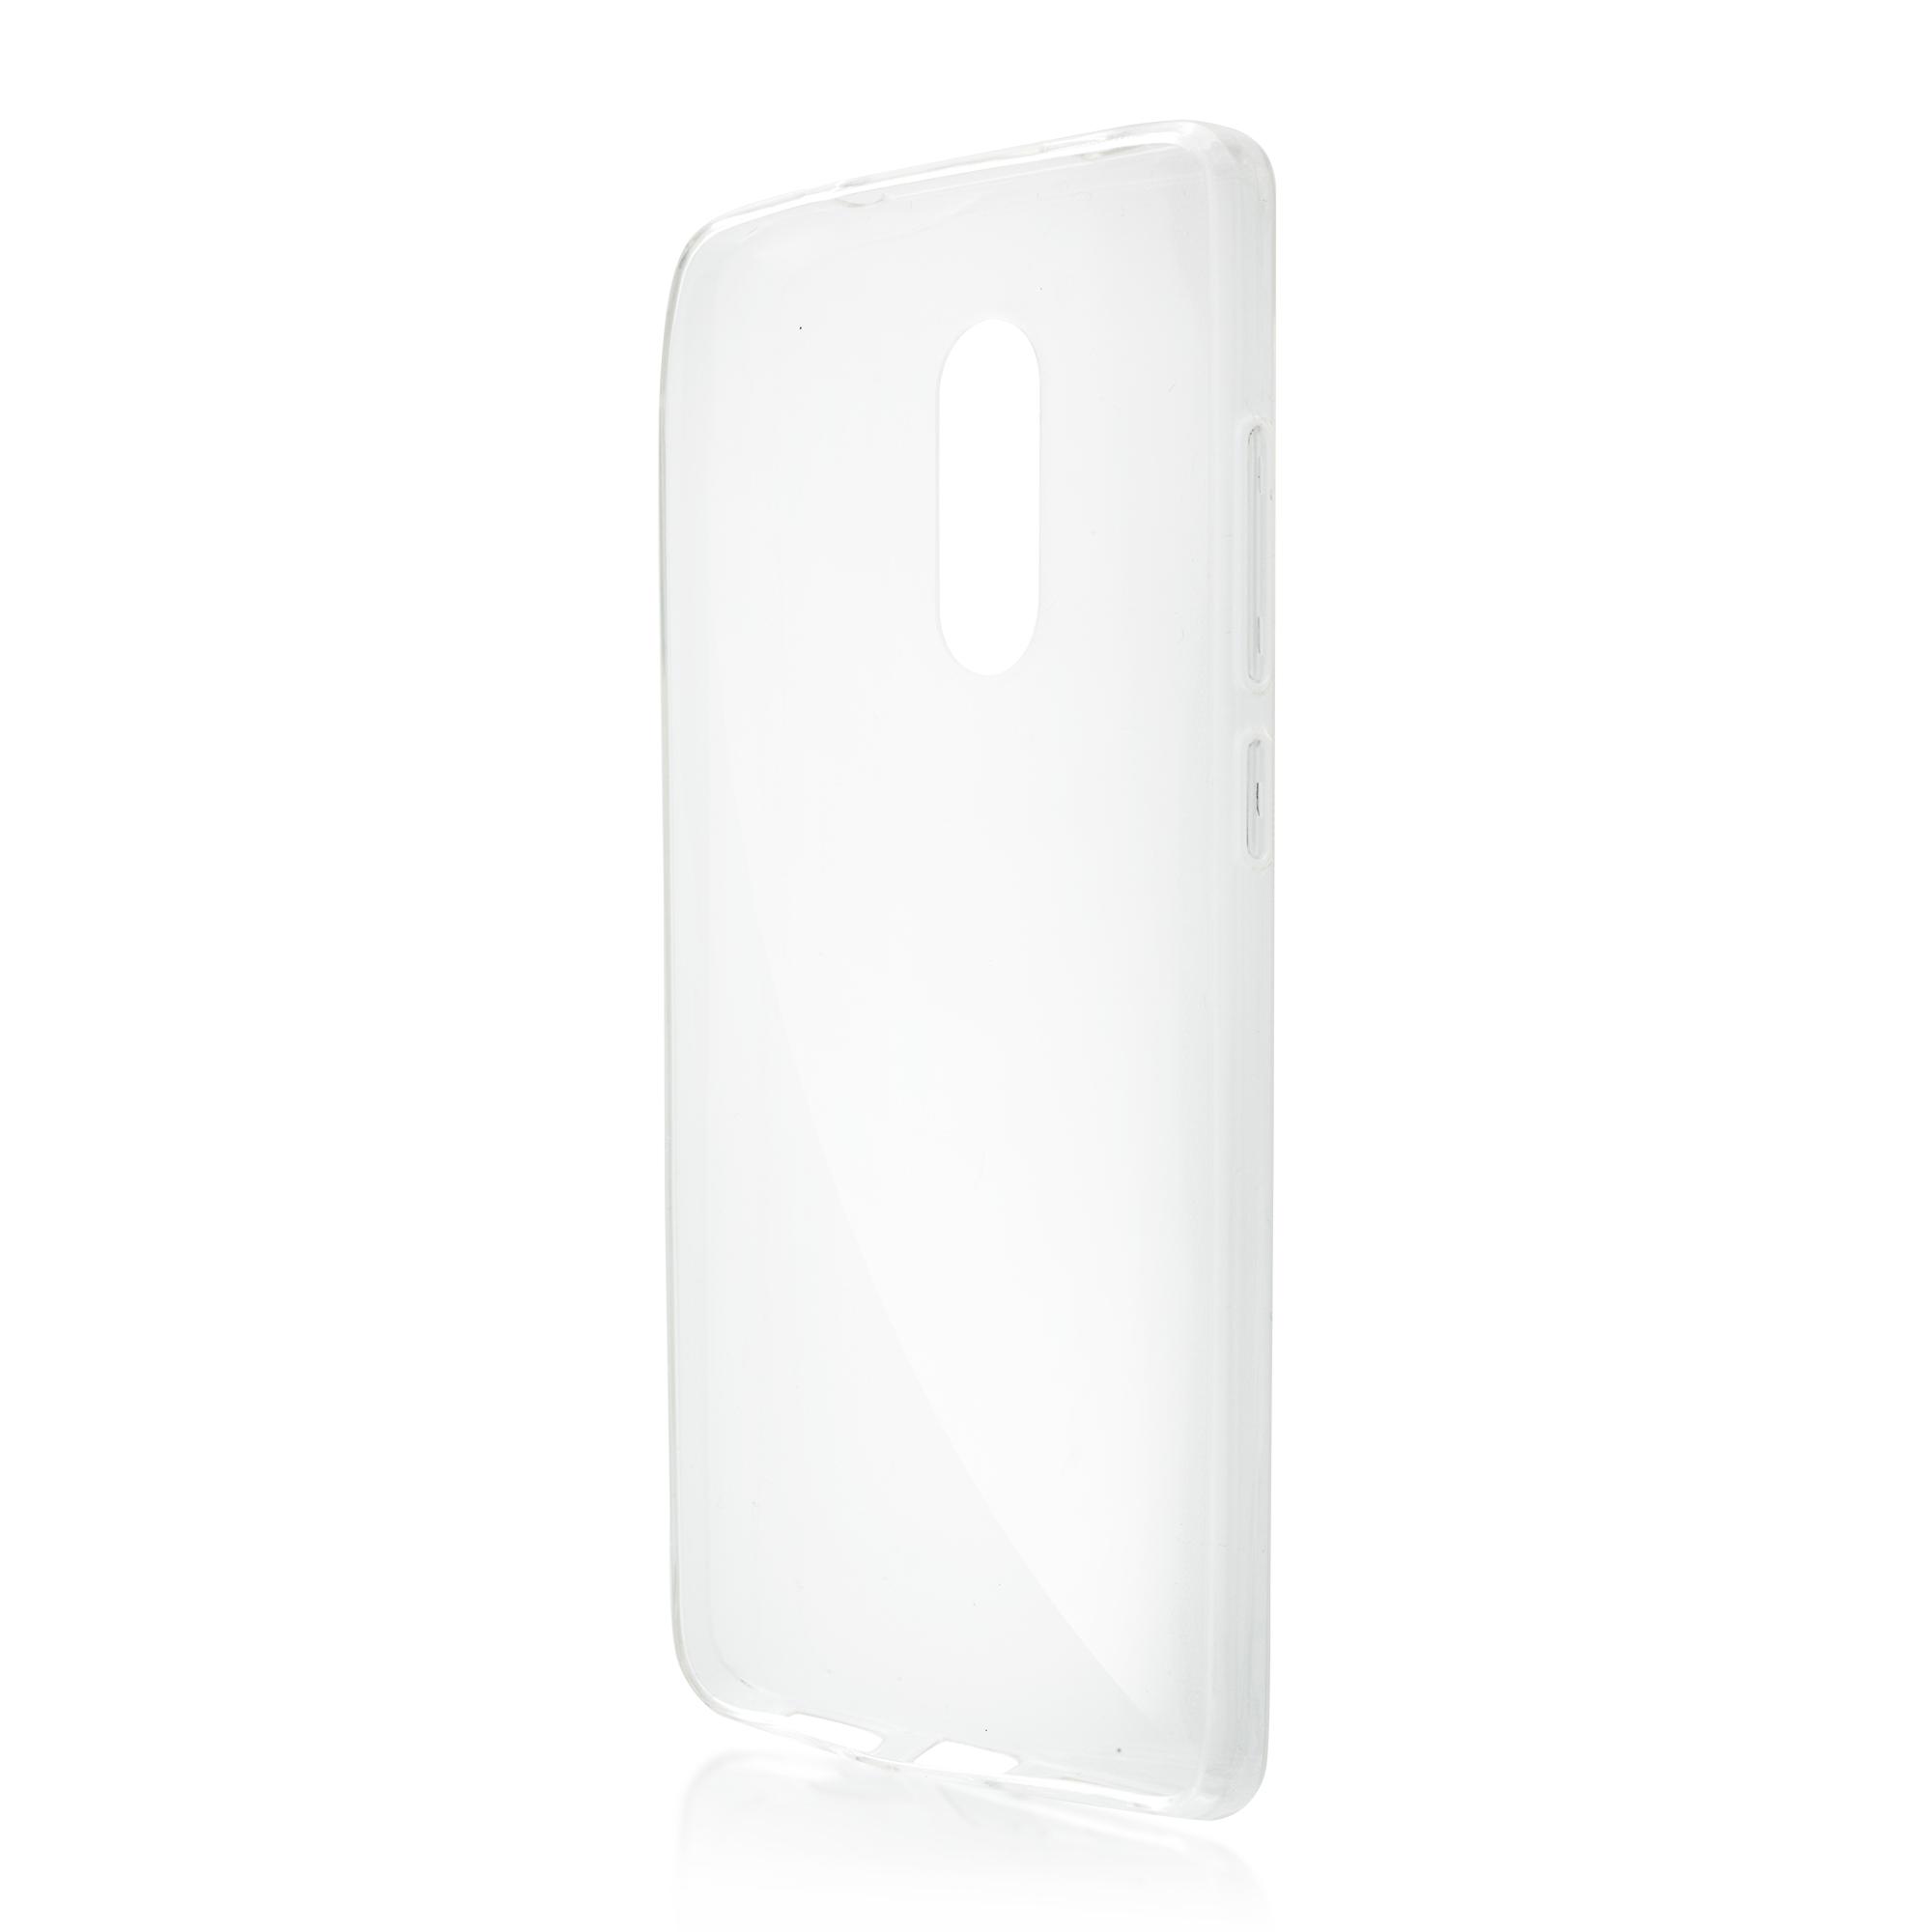 Силиконовый чехол Brosco для Xiaomi Redmi Note 4X, прозрачный